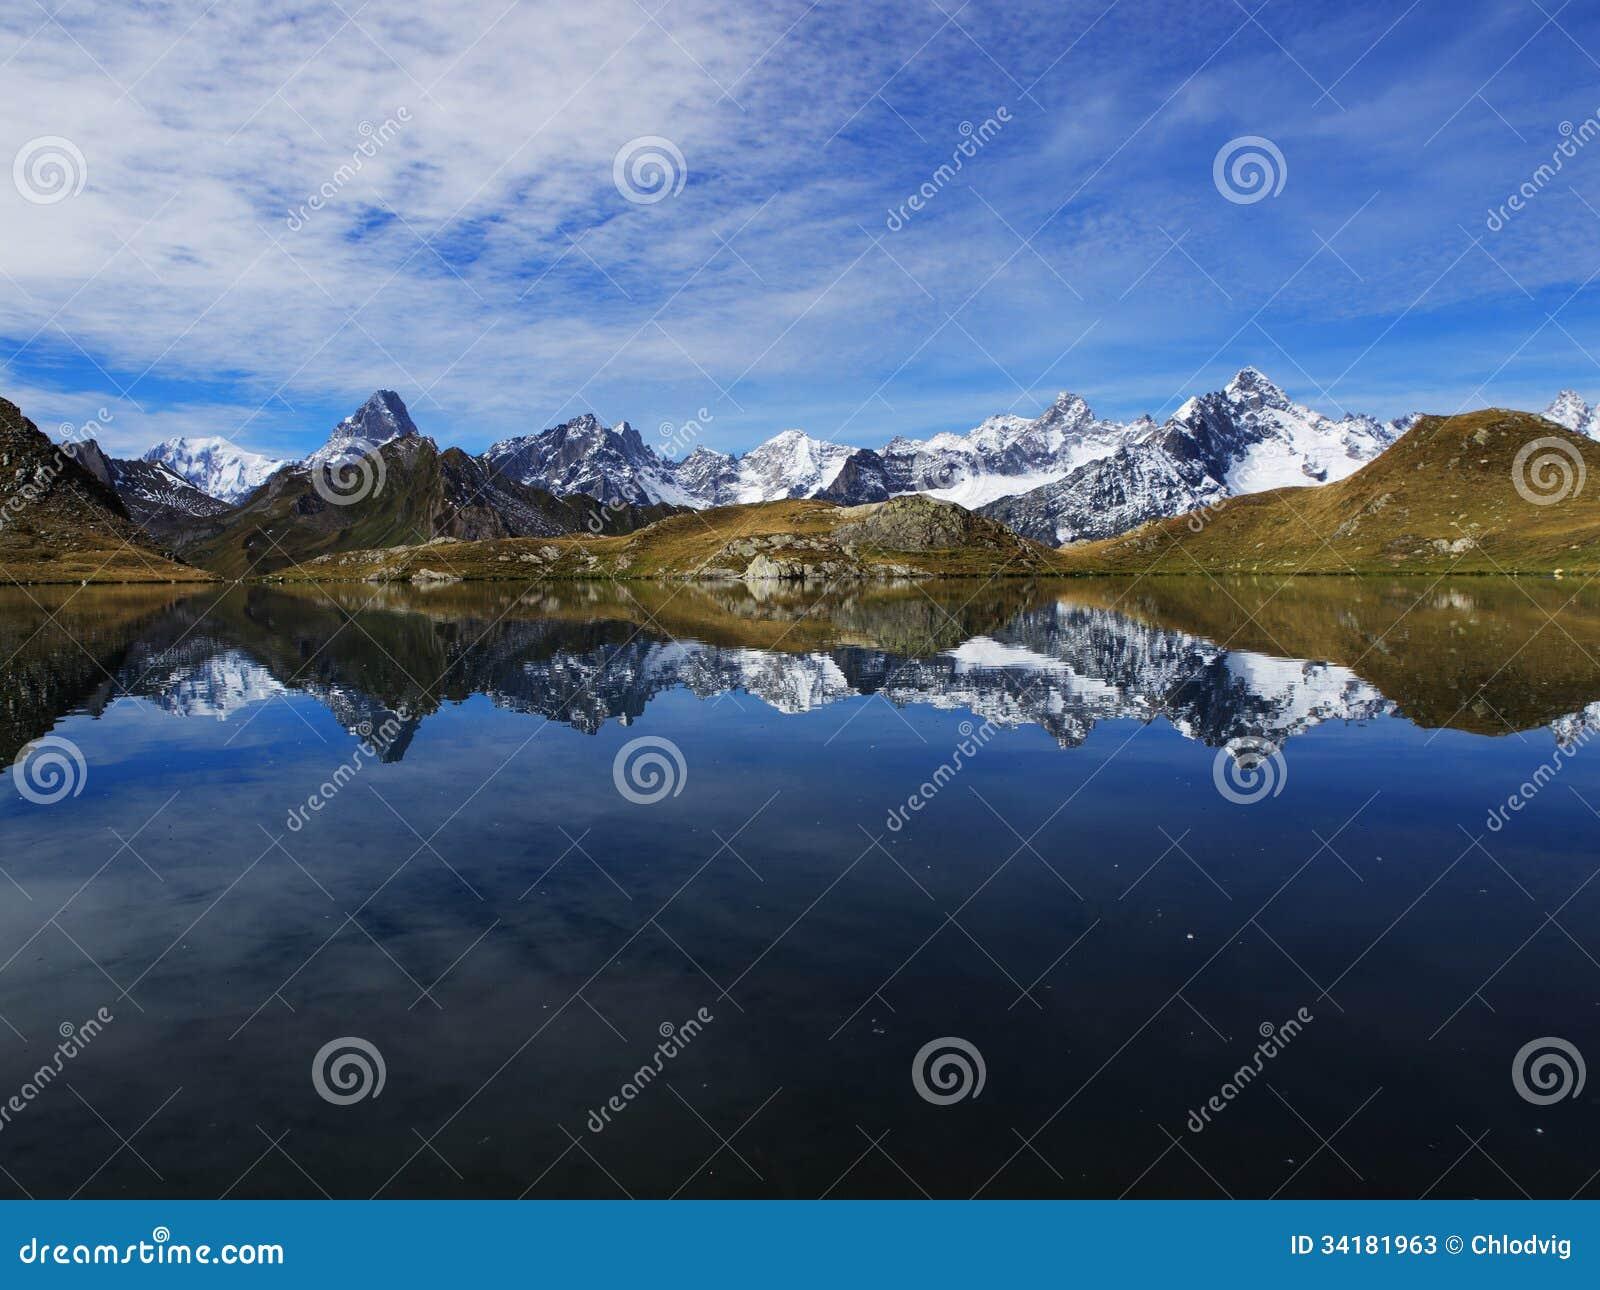 Fenetre jezioro w Szwajcaria